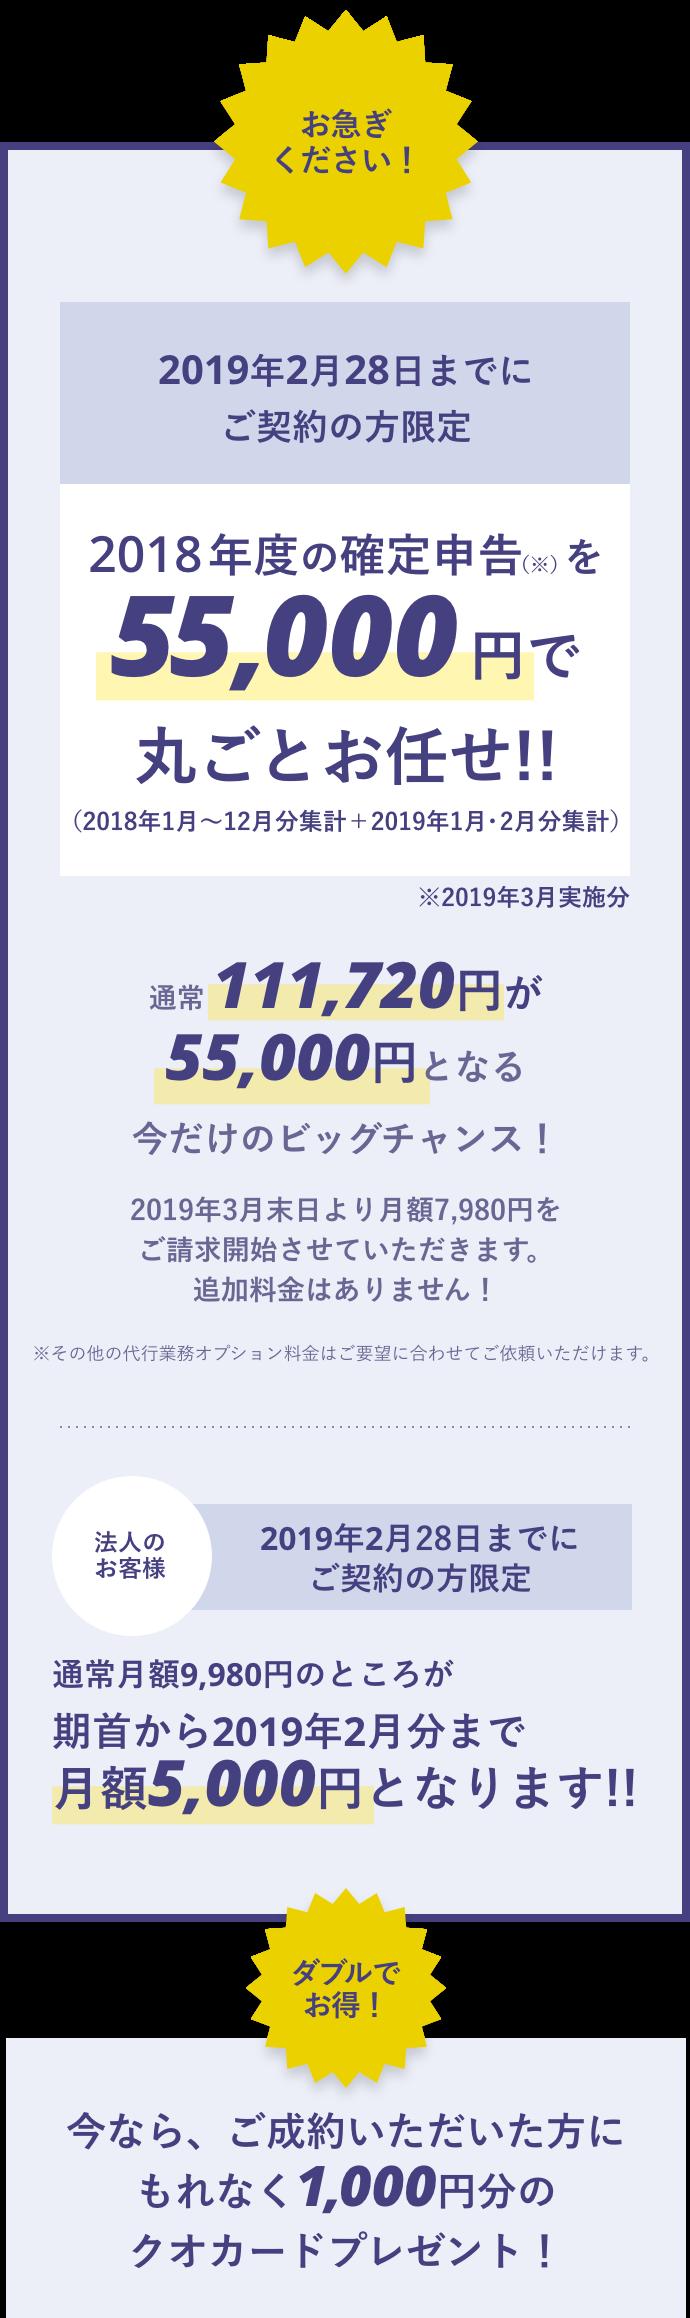 2018年度の確定申告を(2019年3月実施分)35,000円で丸ごとお任せ!!